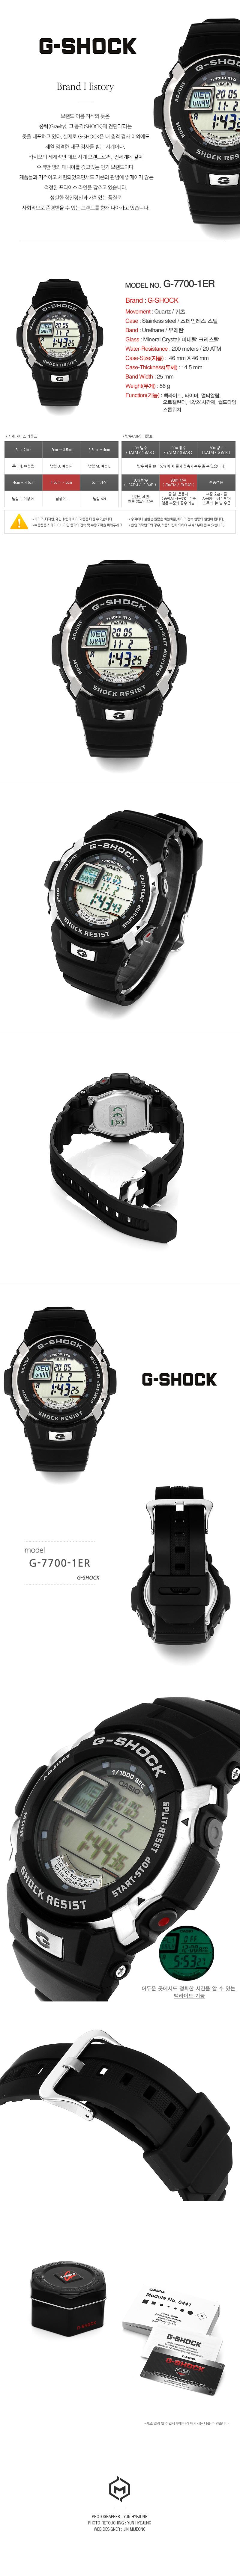 지샥 G-SHOCK G-7700-1ER(G-7700-1) 디지털 남성 우레탄시계